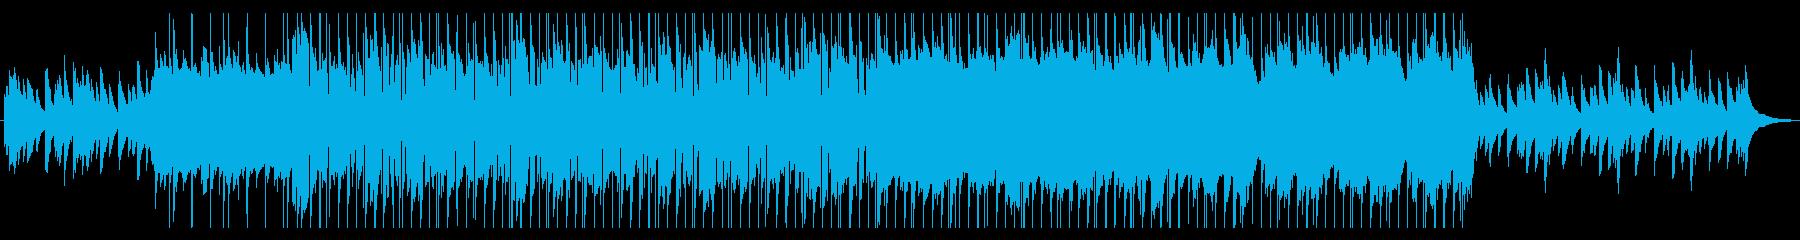 切なくも美しいピアノのポップバラードの再生済みの波形